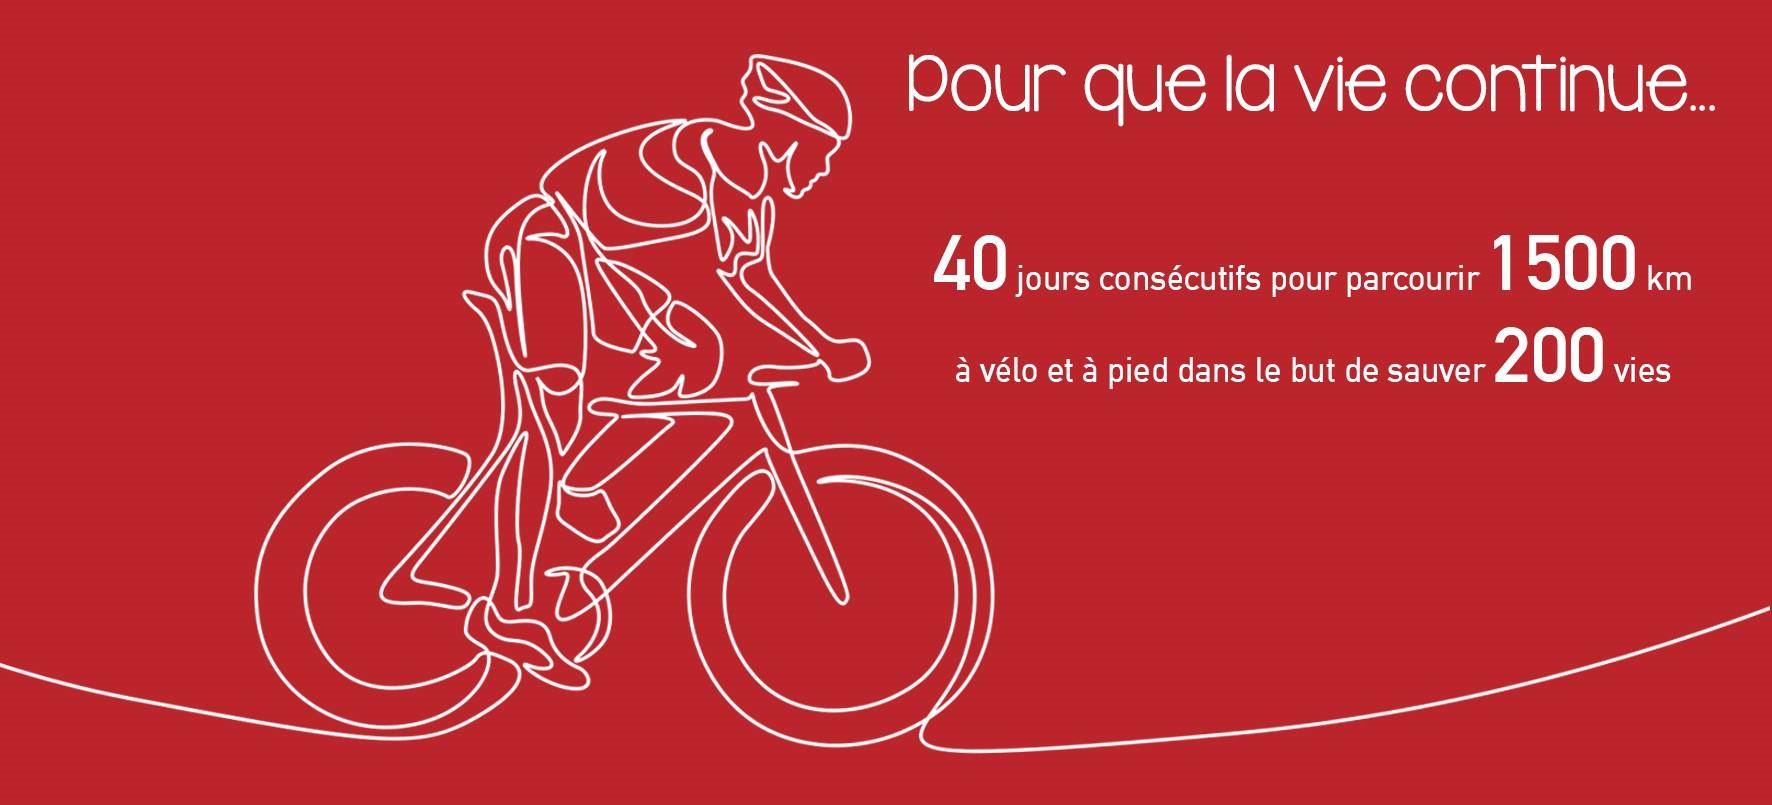 Pour que la vie continue... 40 jours consécutifs pour parcourir 1500 km à pied et à vélo dans le but de sauver 200 vies